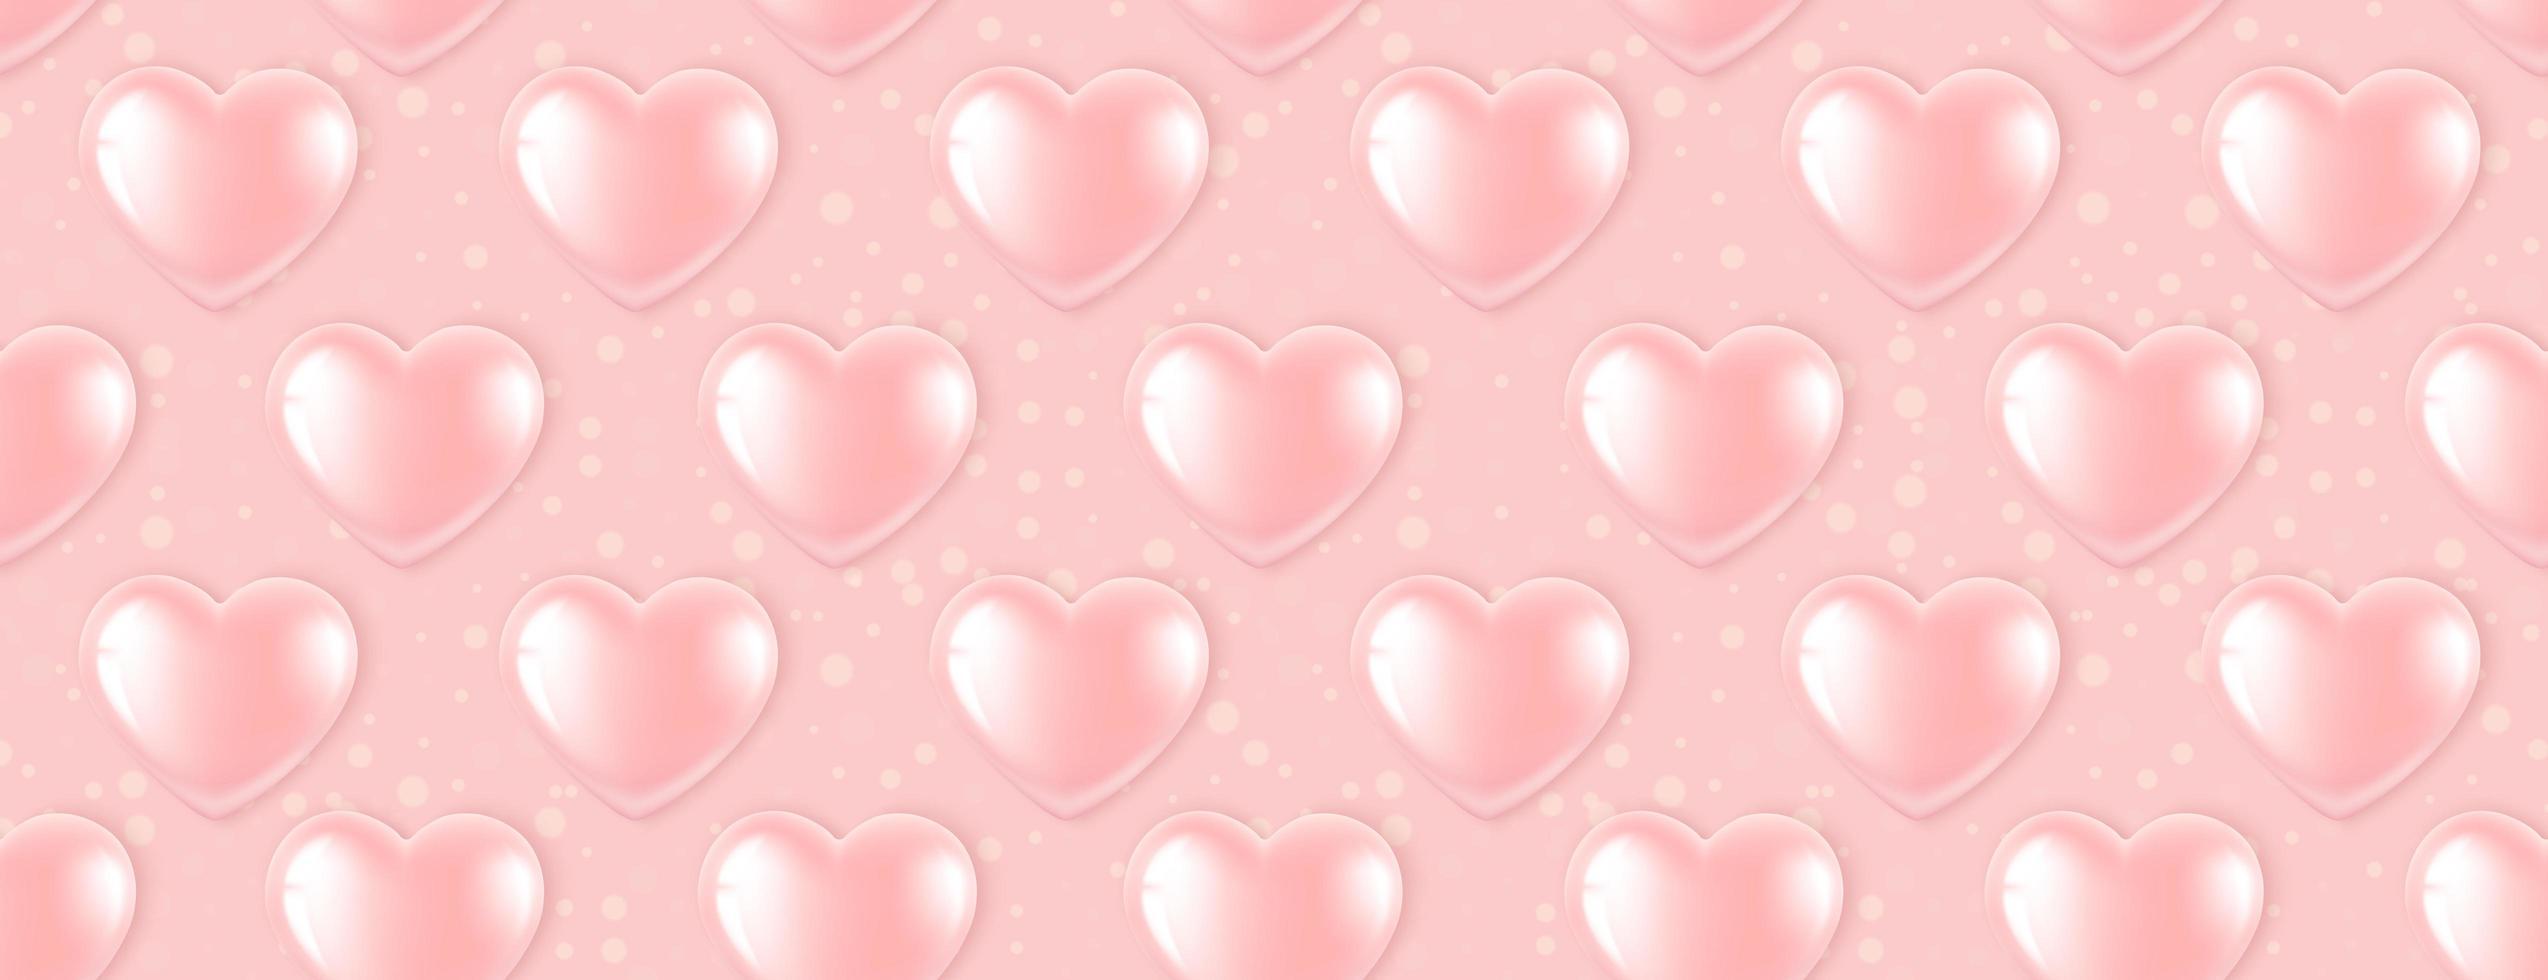 Modèle sans couture avec des ballons coeur rose vecteur